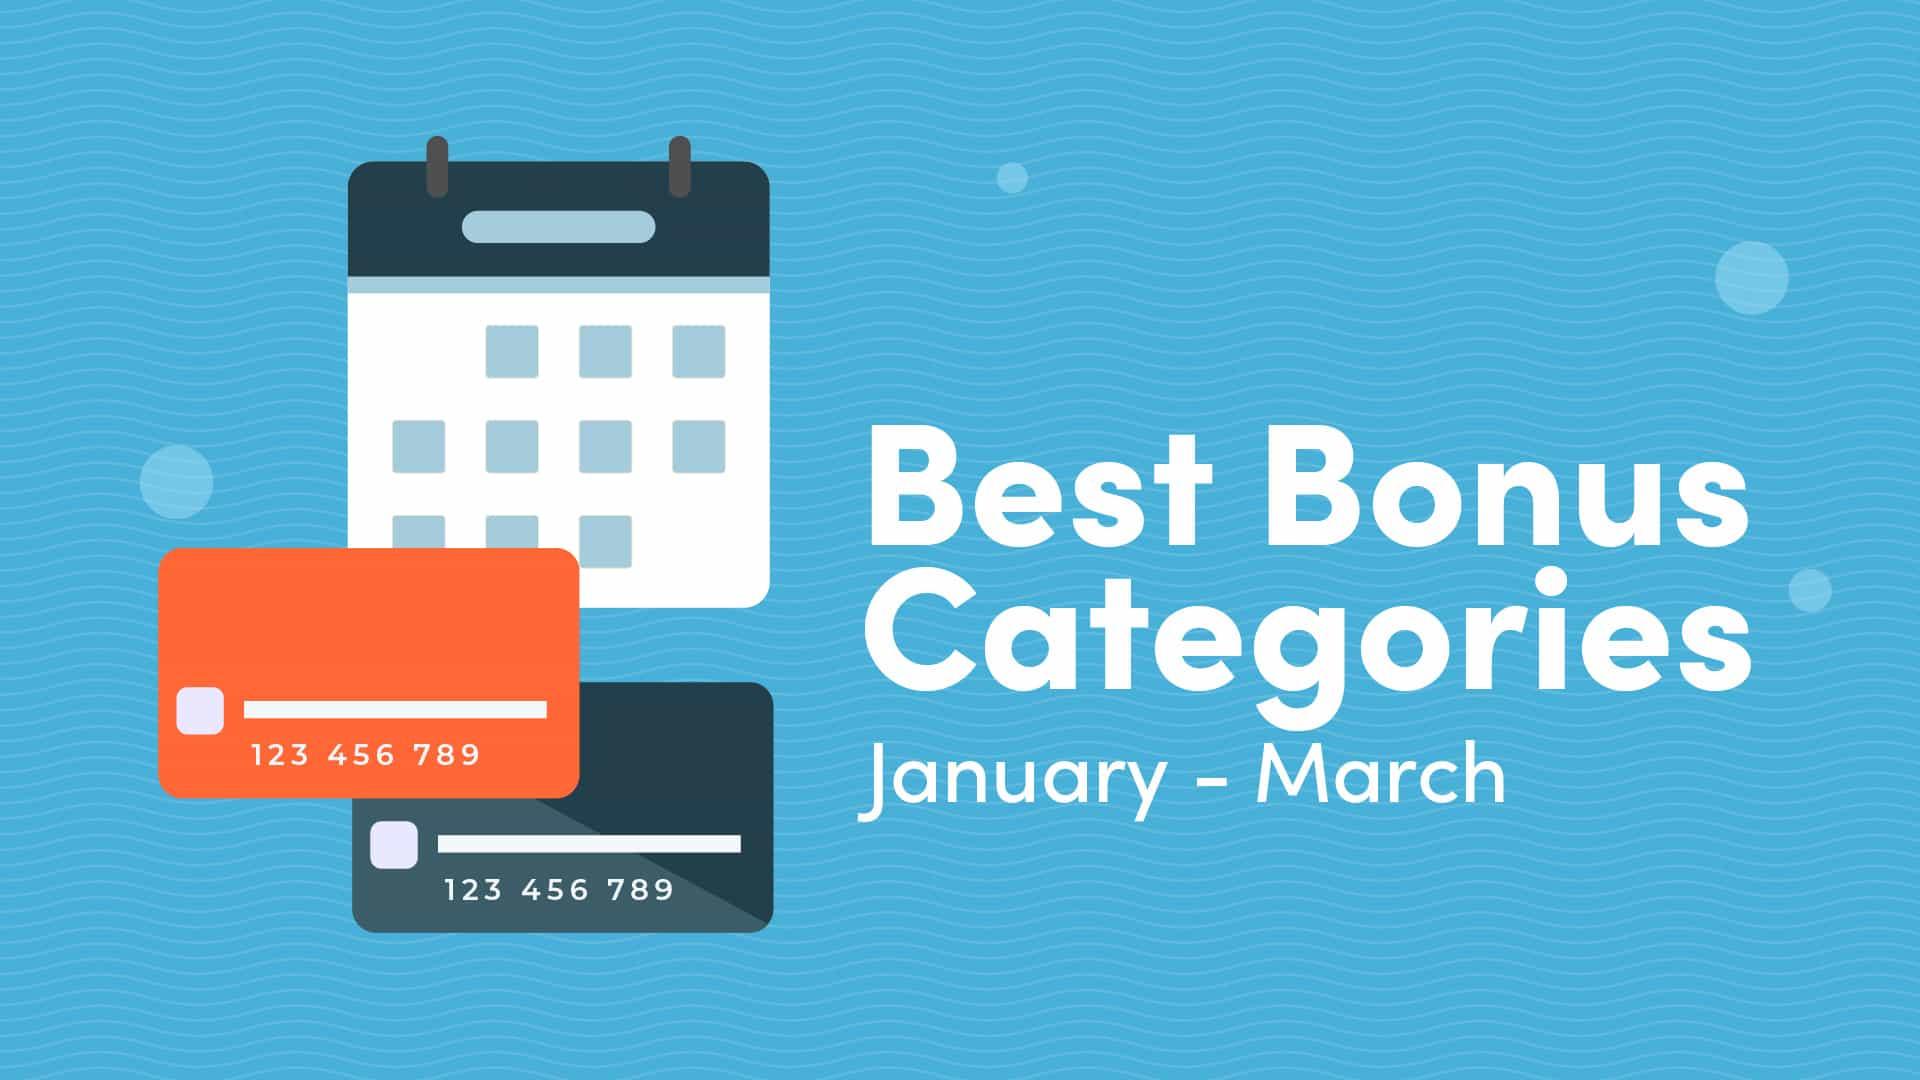 Best_Bonus_Categories_Q1_2021